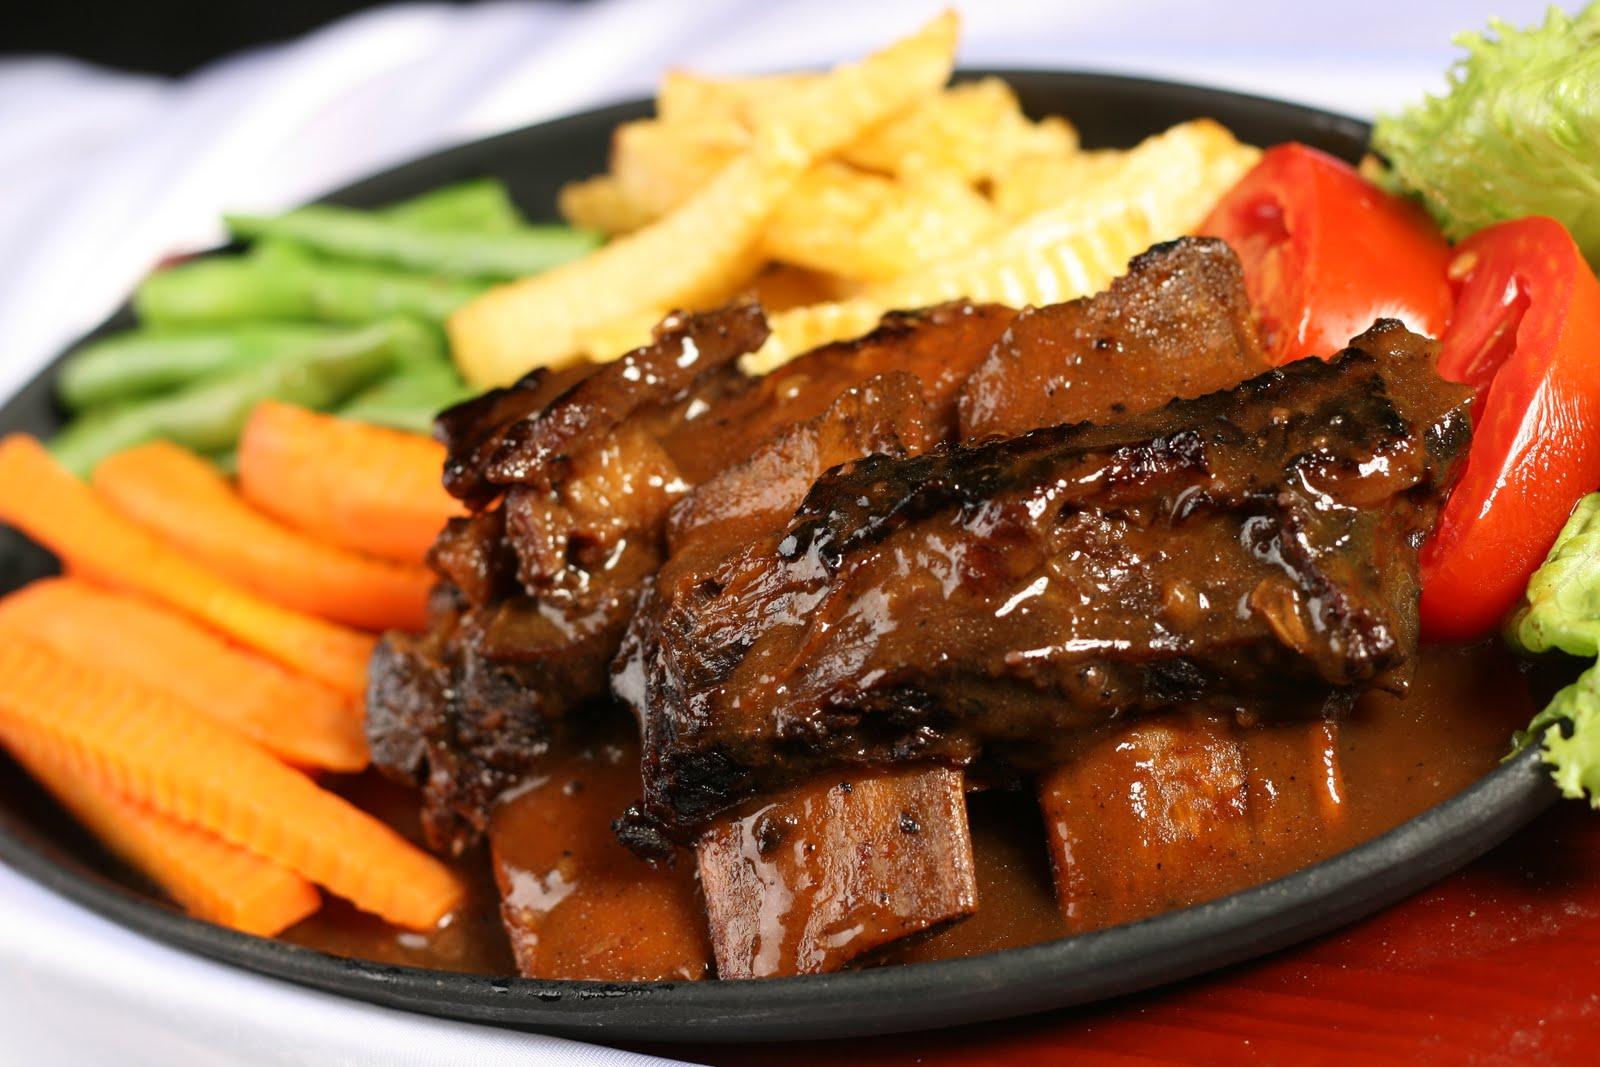 Resep Steak Bakso, Jadikan Bakso Semakin Menarik untuk Disantap